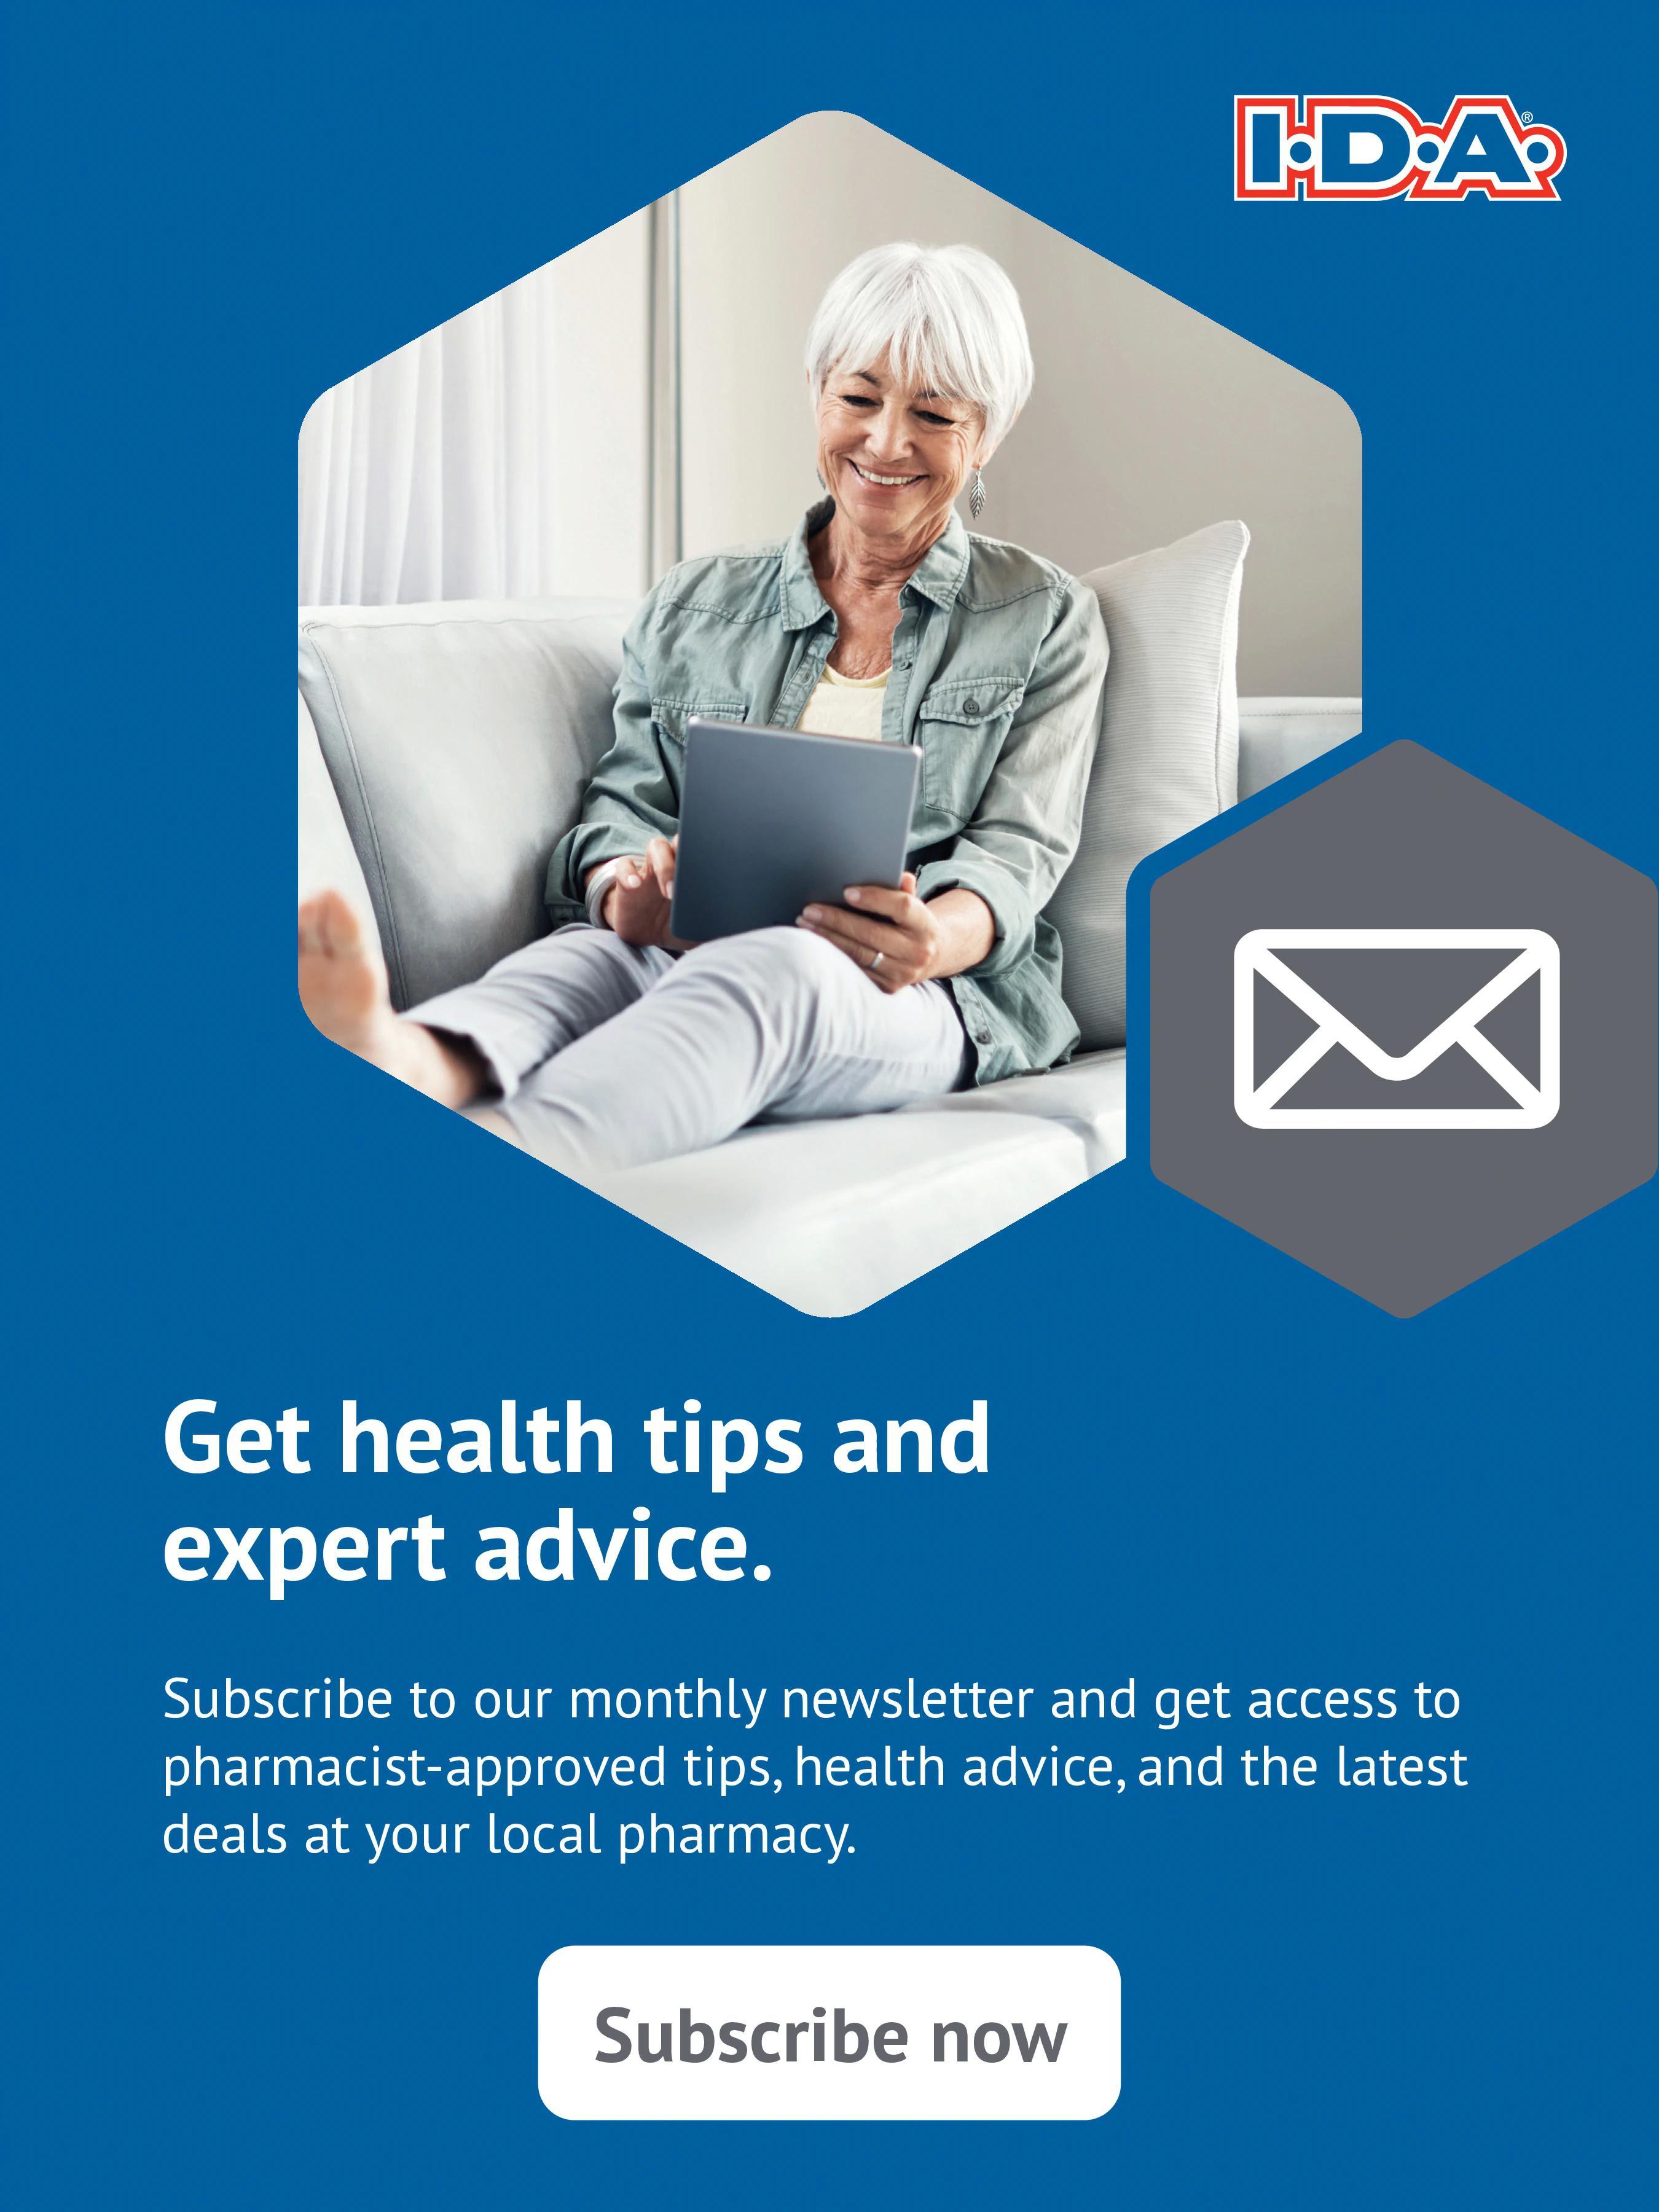 Guardian IDA Pharmacies - Weekly Flyer Specials - Page 7